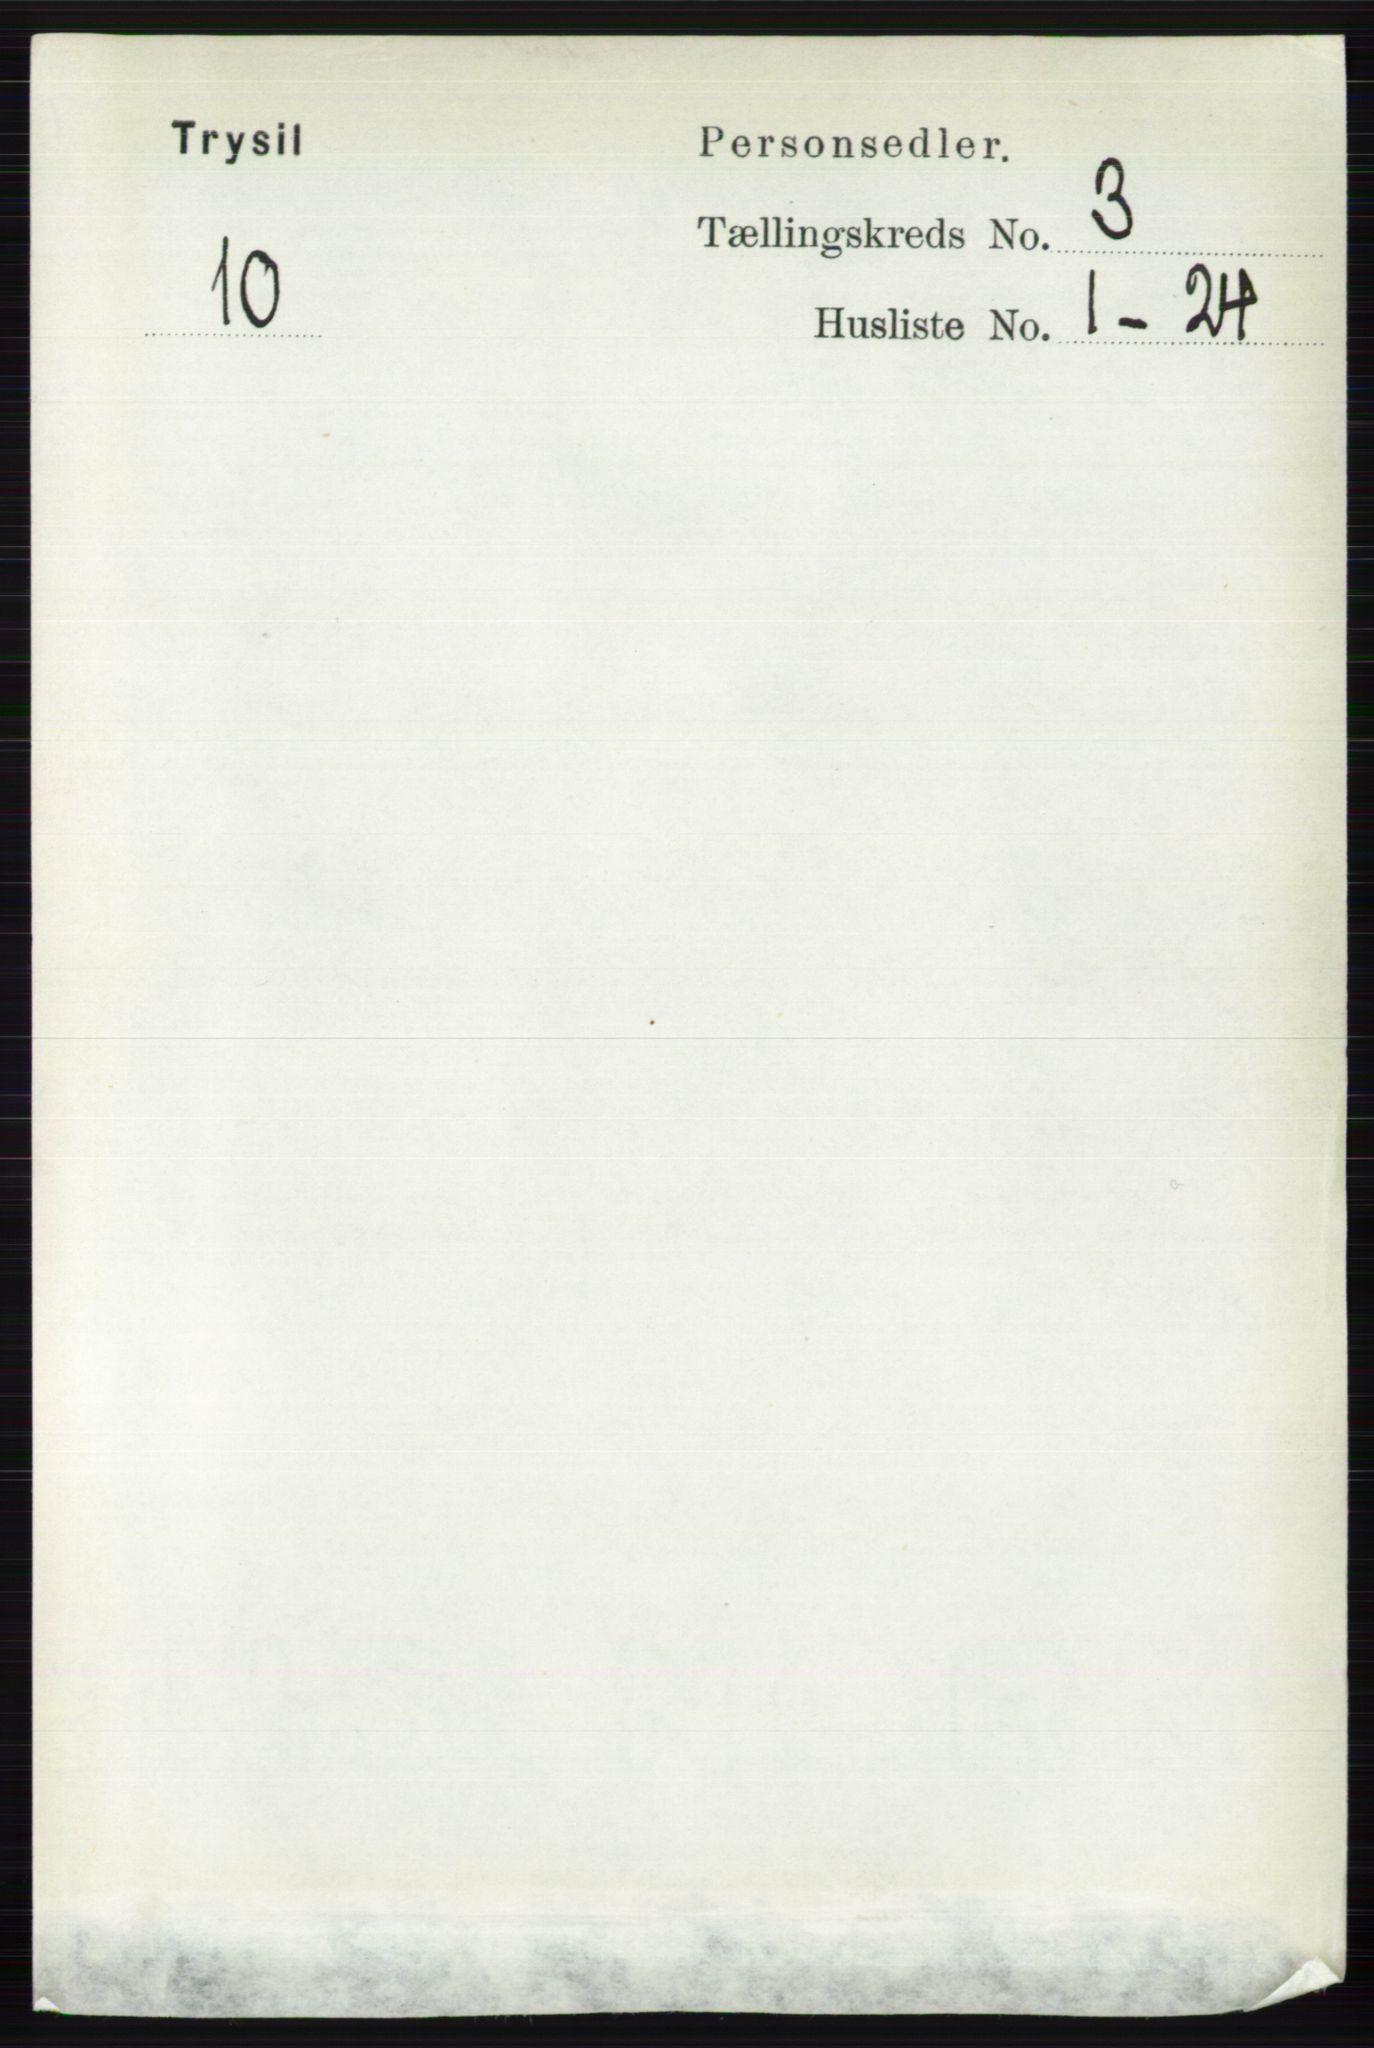 RA, Folketelling 1891 for 0428 Trysil herred, 1891, s. 1322